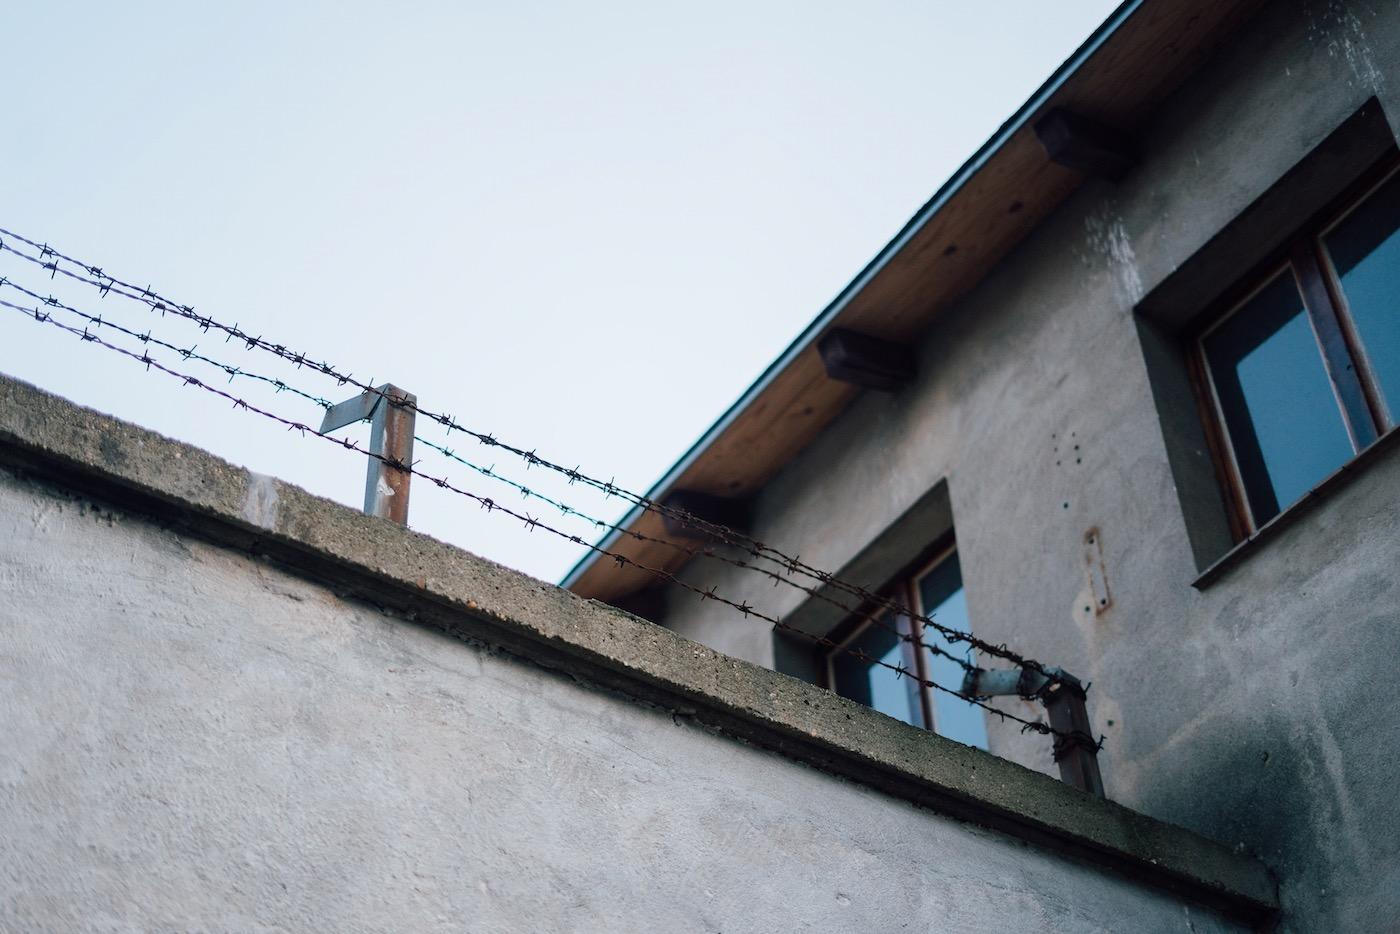 Steffi Lehmann klärt über die Geschichte des Kaßberg-Gefängnisses auf.